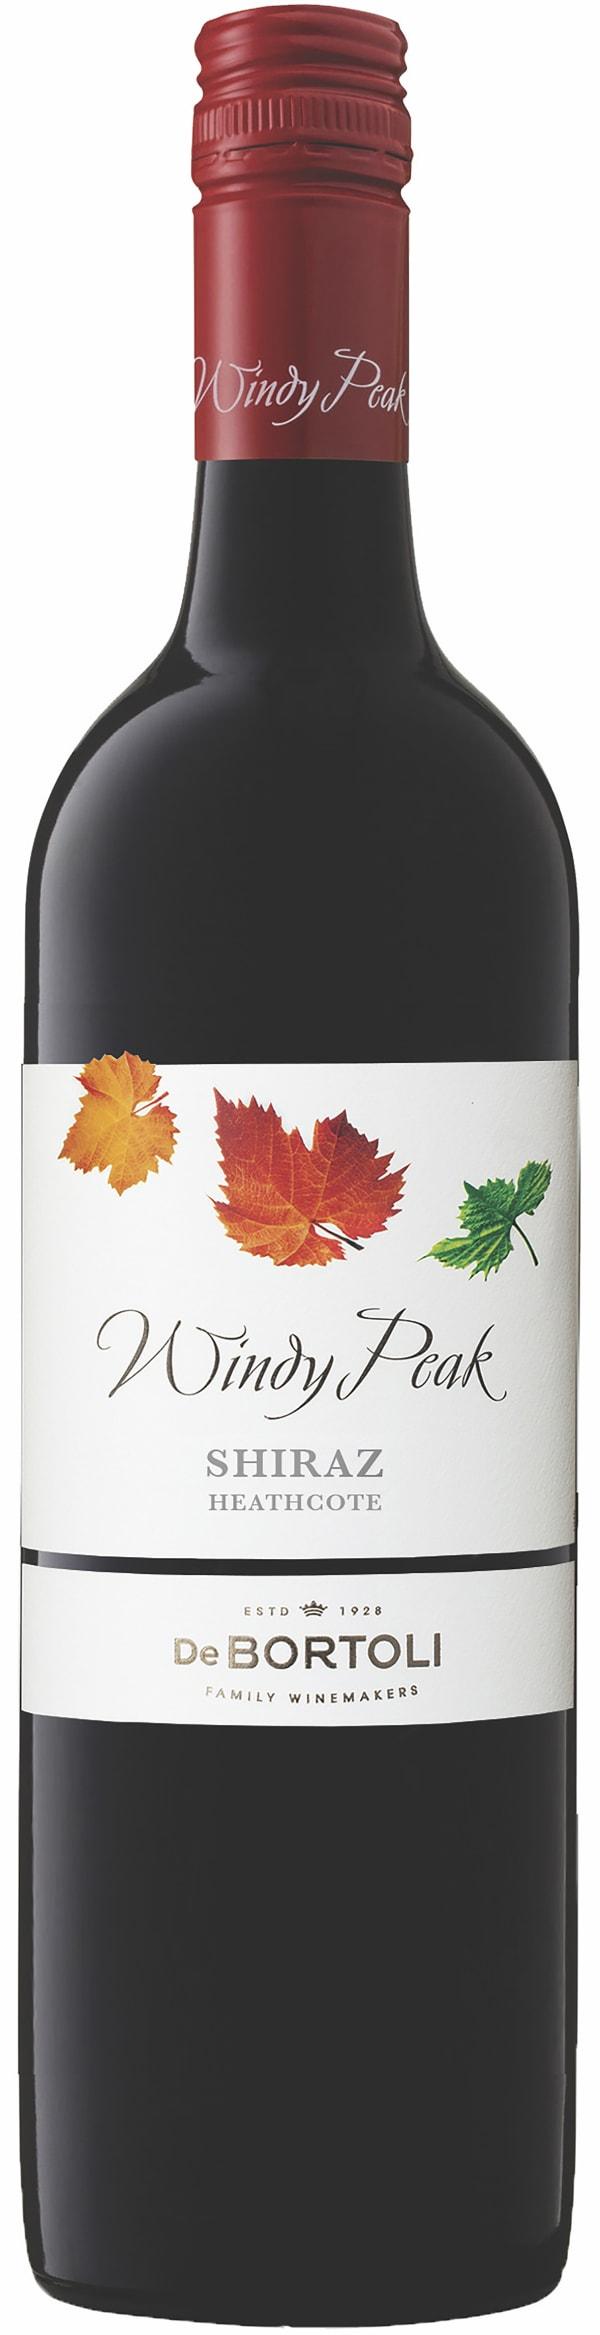 Windy Peak Heathcote Shiraz 2014